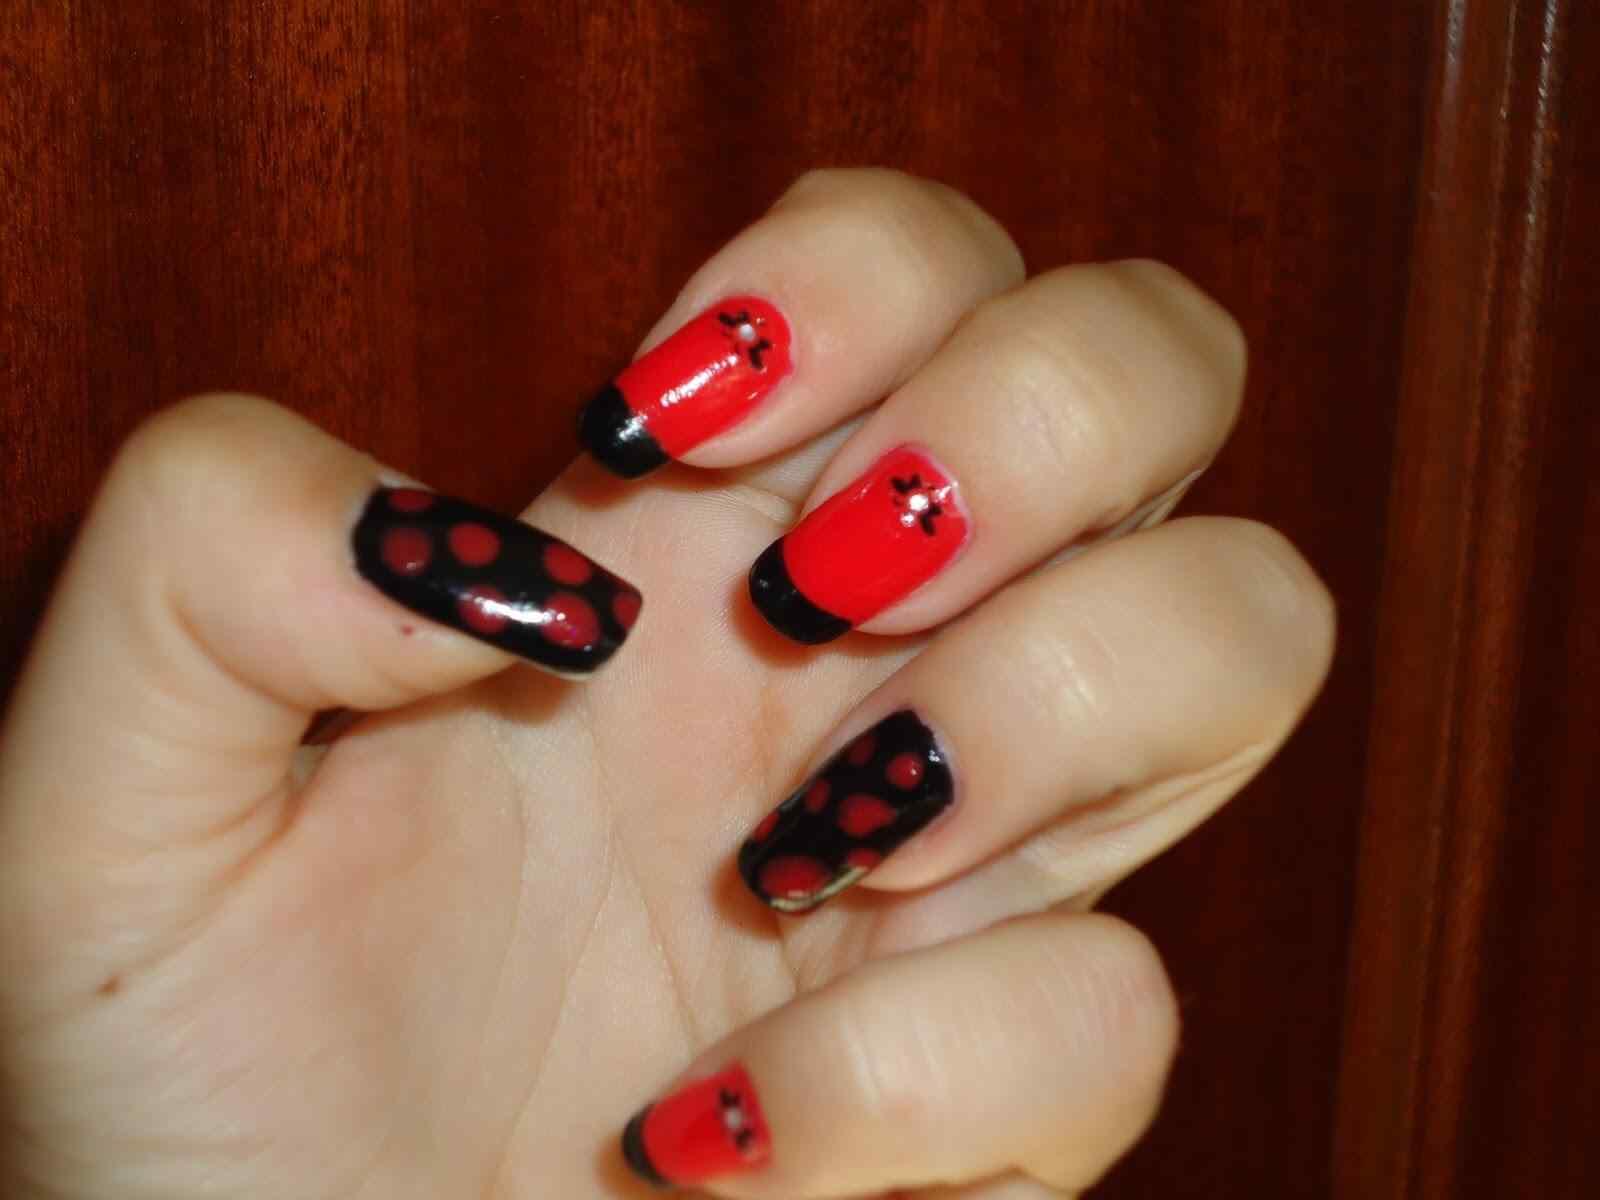 unas decoradas rojas 2015 (11)